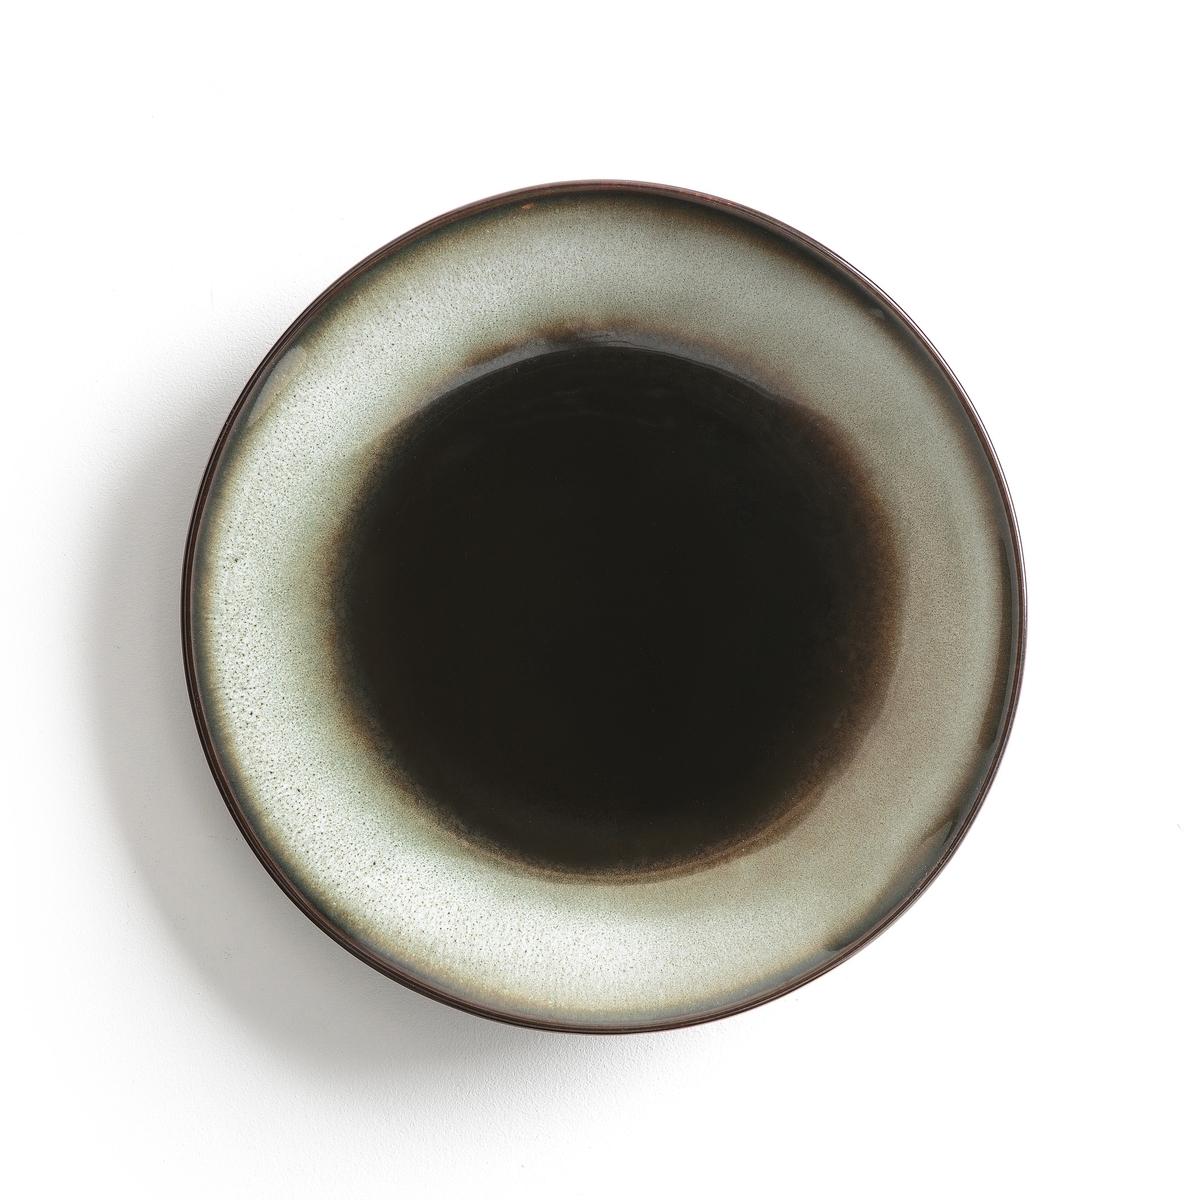 Комплект из 4 мелких тарелок из керамики Tadefi 4 тарелки мелкие фарфоровые shigoni